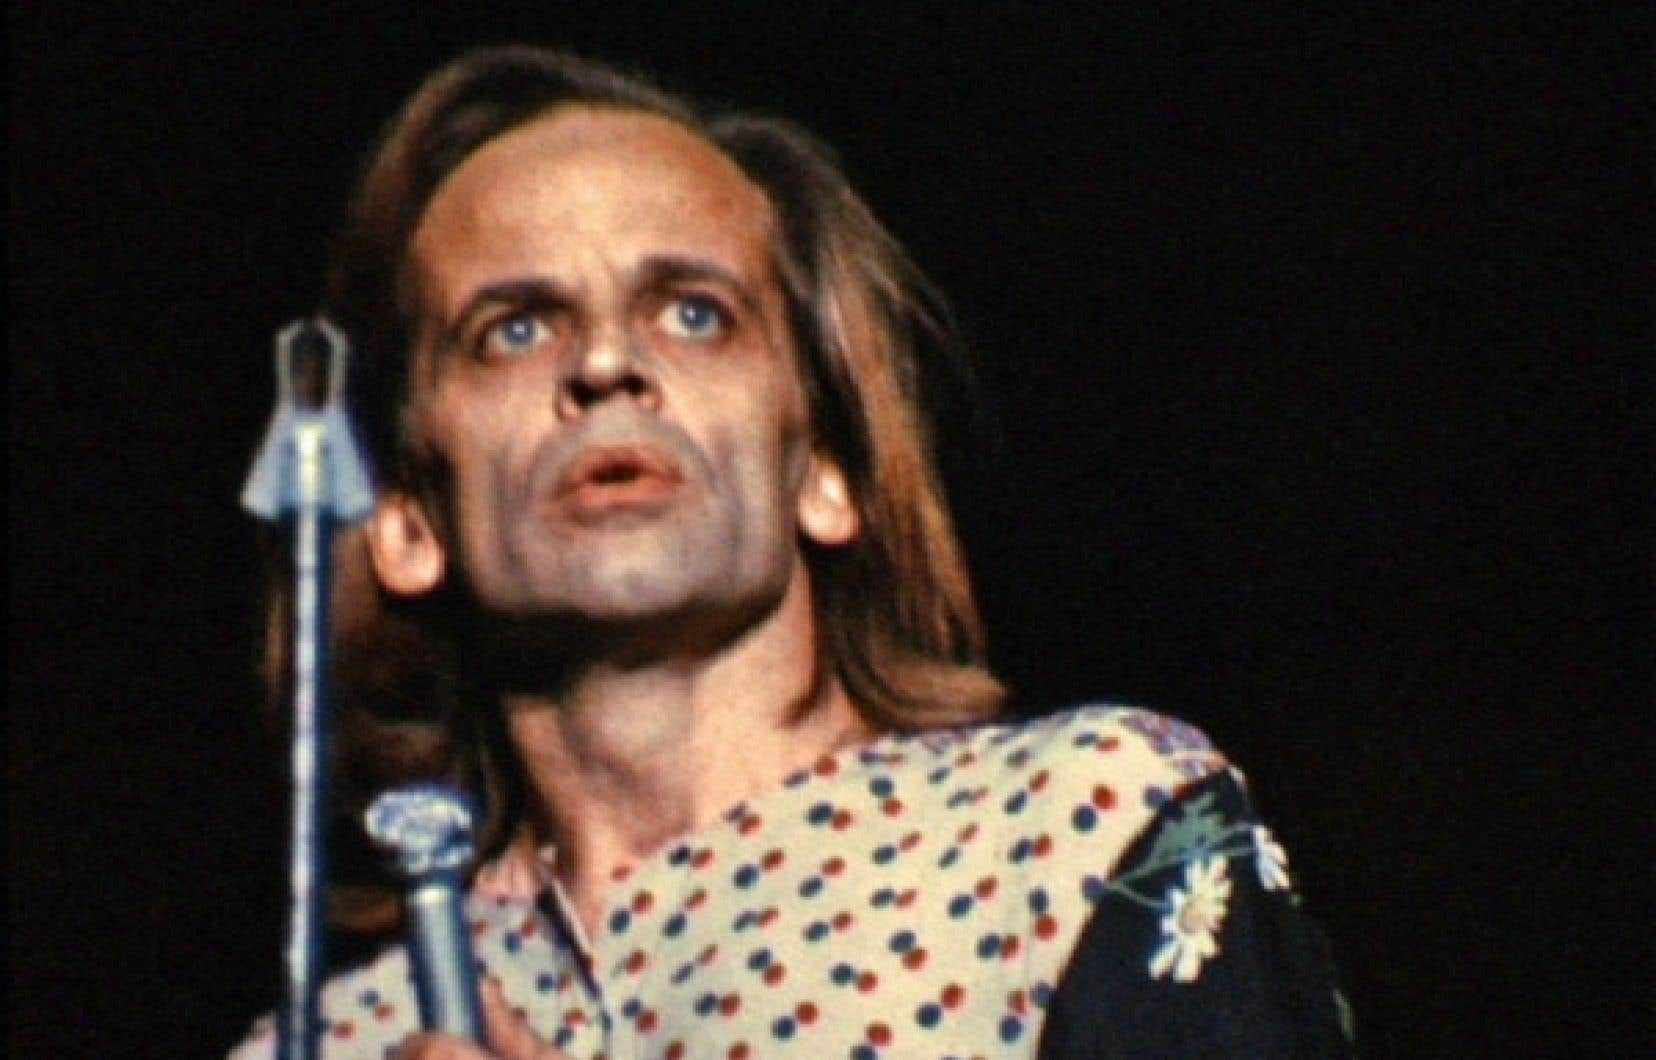 Le 20 novembre 1971, Klaus Kinski, seul en scène, récite «30 feuillets dactylographiés», une relecture toute personnelle, et aux accents revanchards, de la vie du Christ.